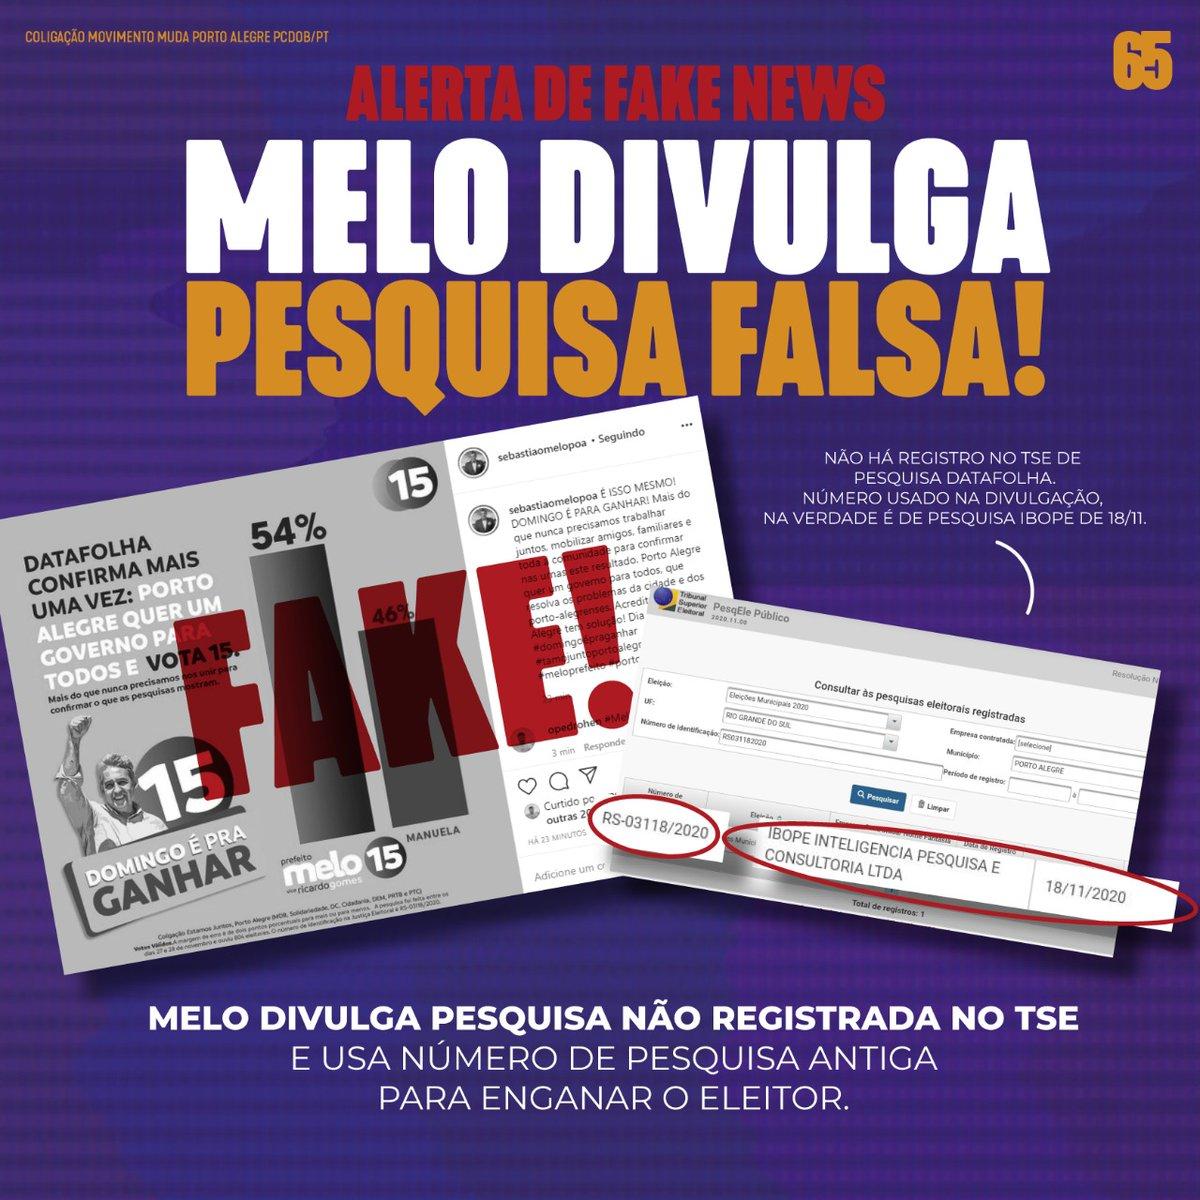 A mentira não vai vencer em Porto Alegre! O povo está cansado de tantos conchavos e enganações! Agora é hora de mudança! #vira65